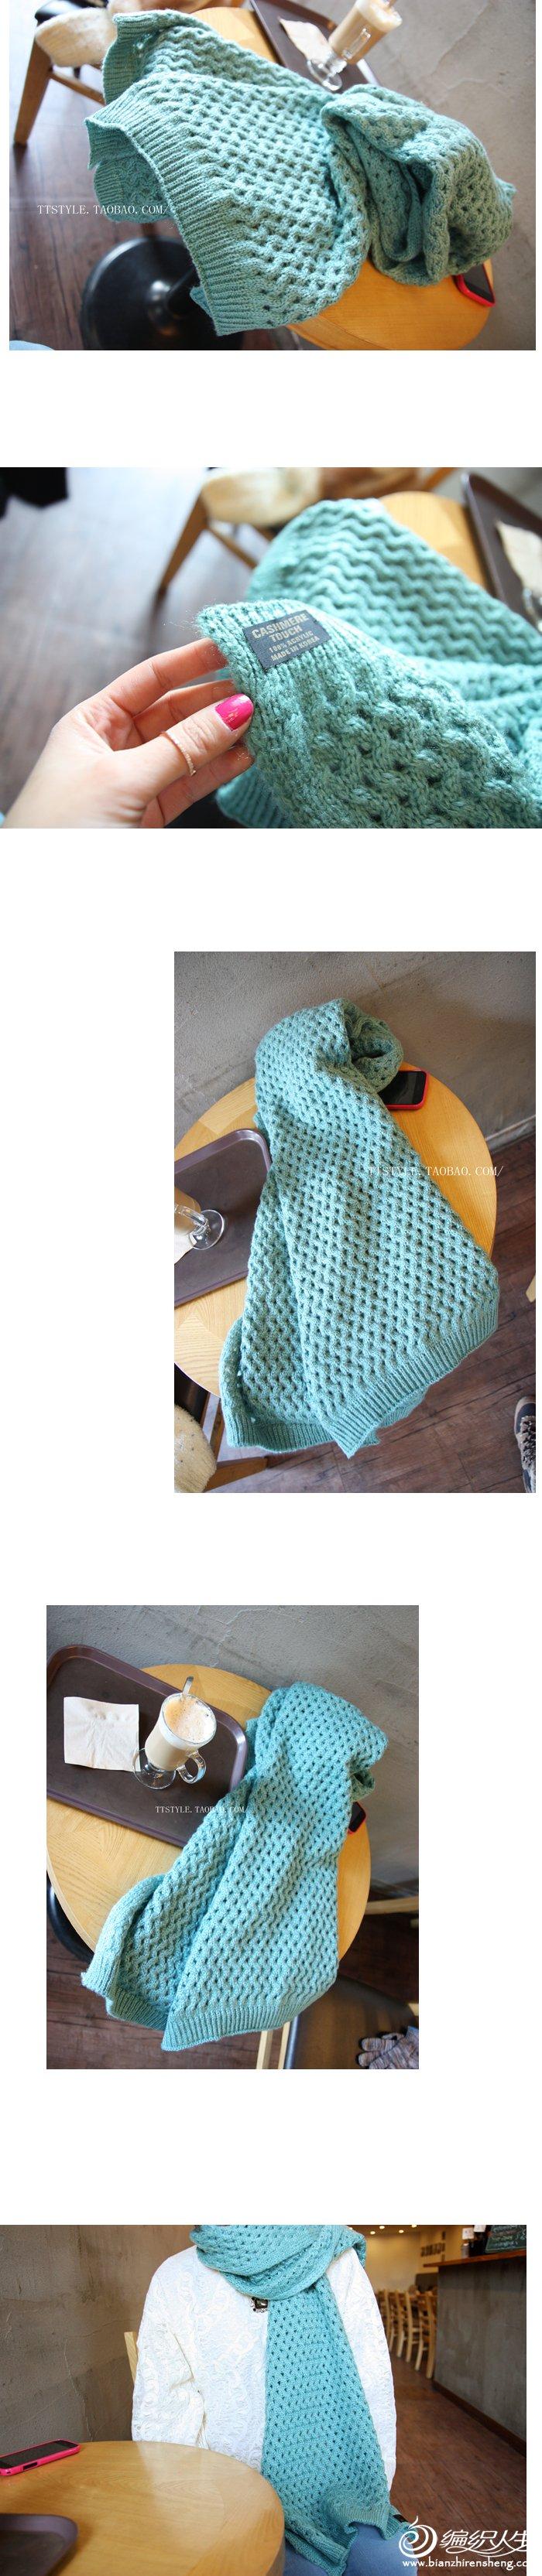 蒂凡尼围巾1[1].jpg